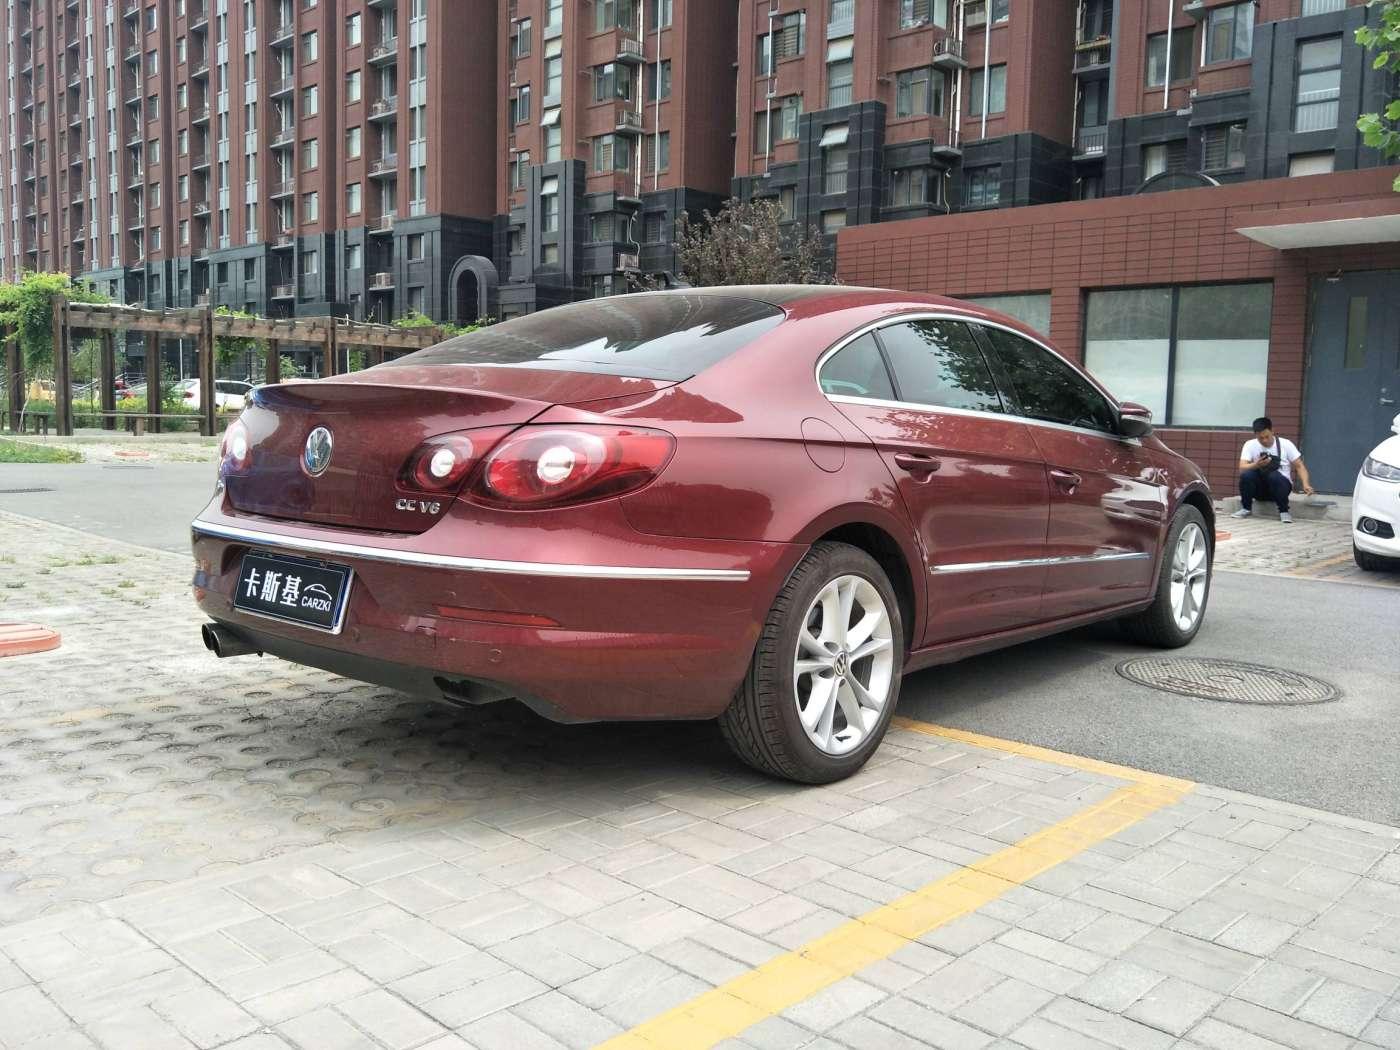 2012年01月 一汽-大众CC 2012款 1.8TSI 豪华型|甄选大众-北京卡斯基汽车服务有限公司